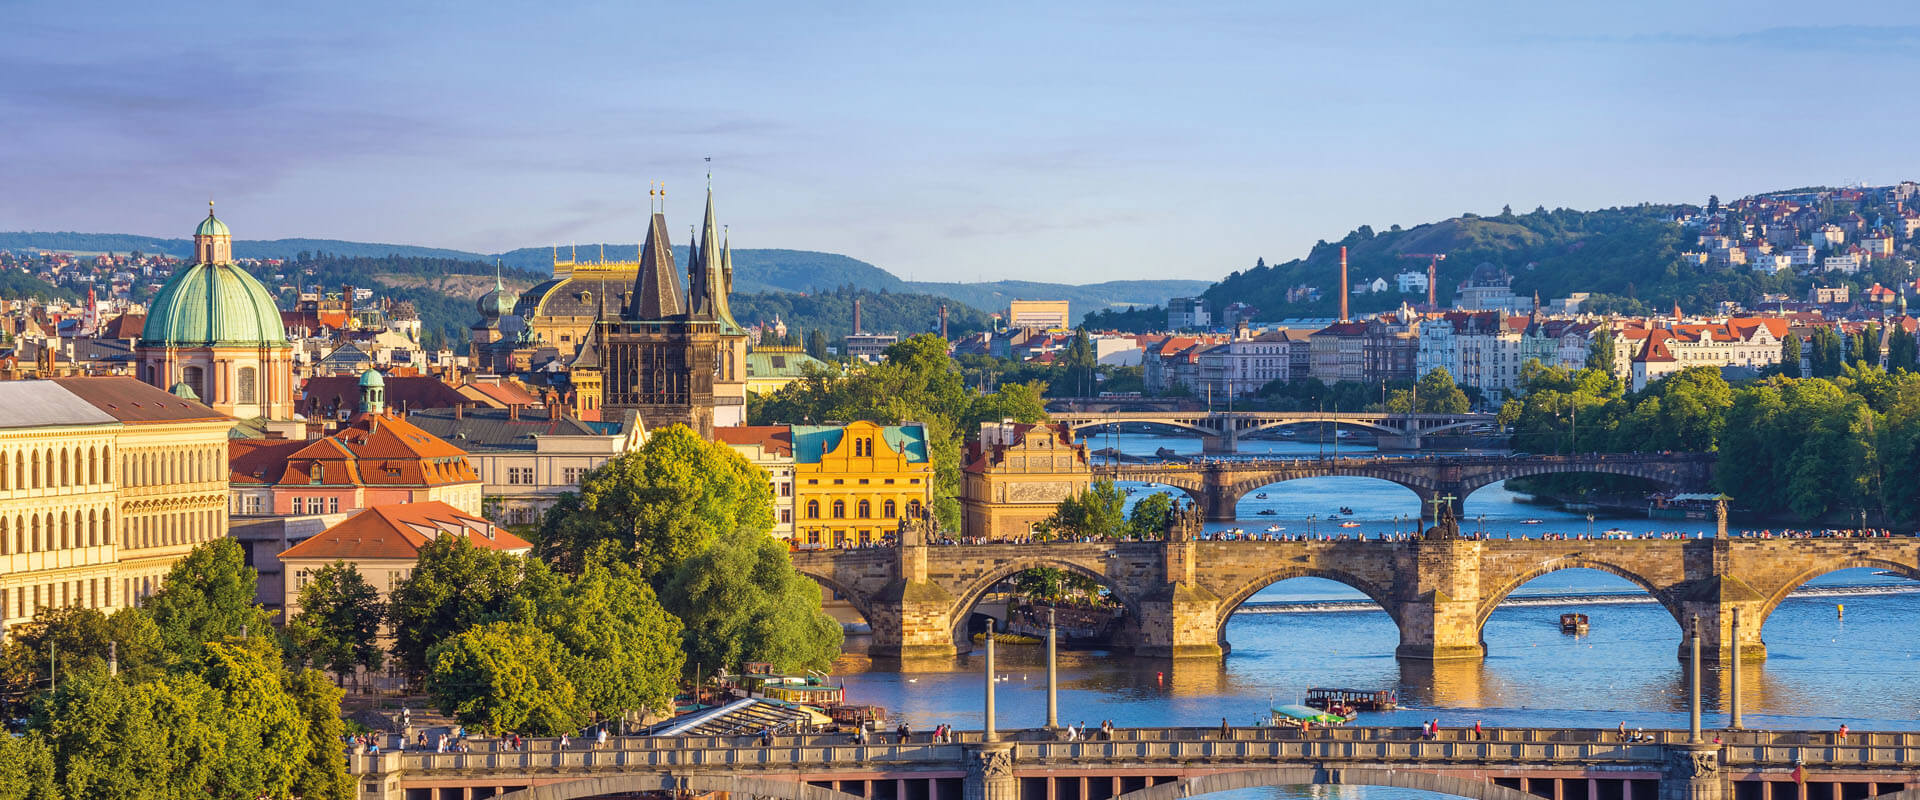 Prag-Fotolia_92523139_XXL_1920x800_2